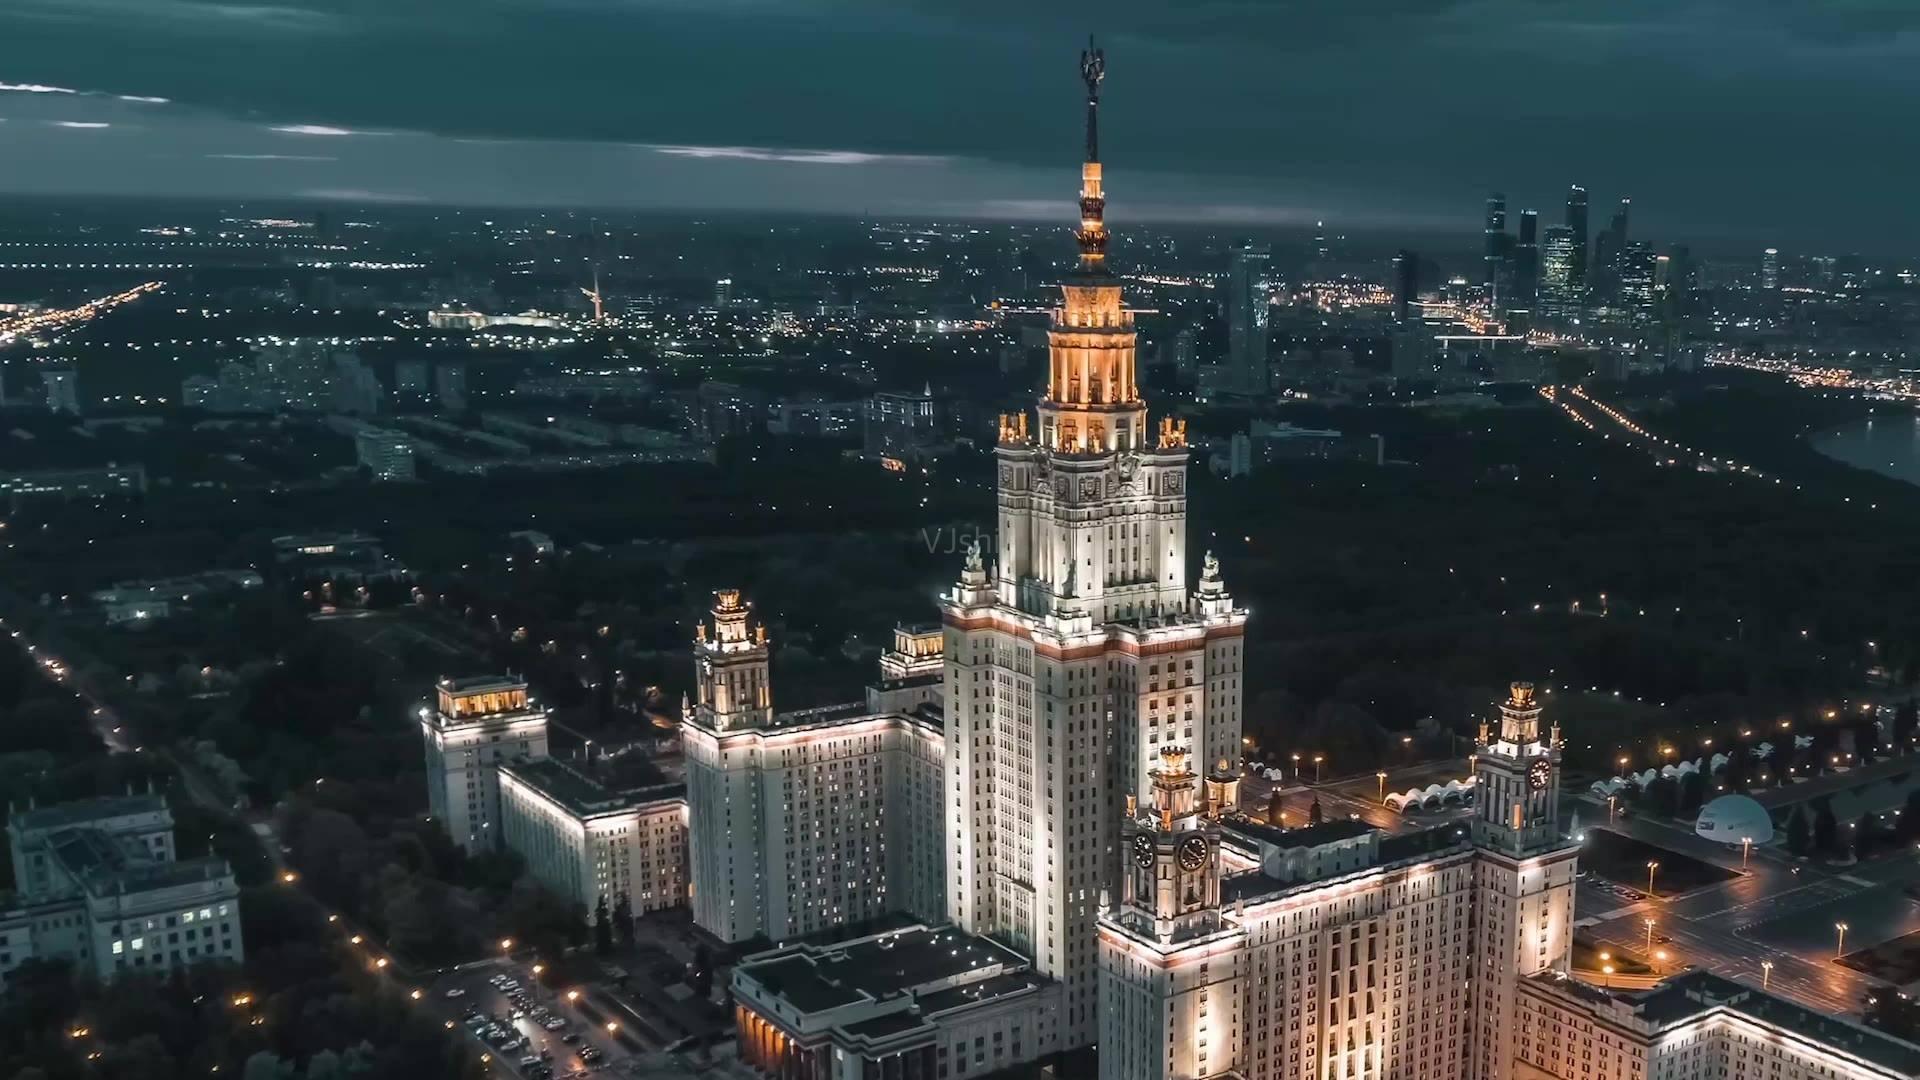 金砖国家2020gdp总量_超越俄罗斯,2020年中国人均GDP,有望为金砖国家之首